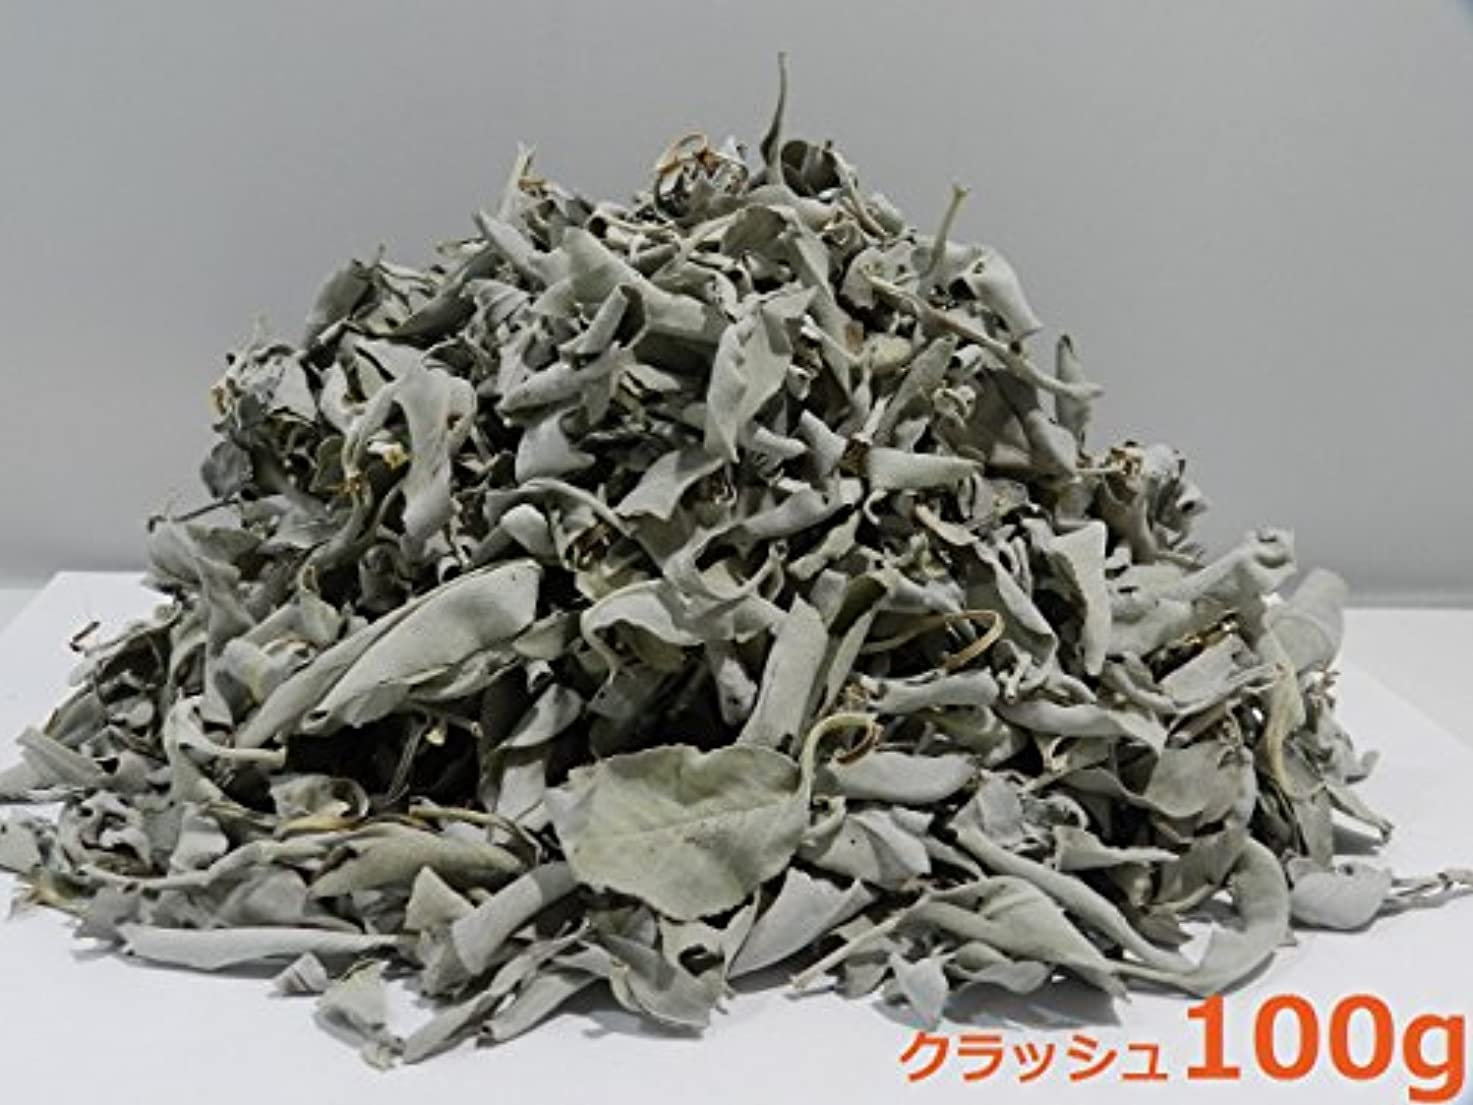 ライフル農場バンドカリフォルニア産 浄化用 ホワイトセージ /White Sage クラッシュ 100g☆海外輸入品